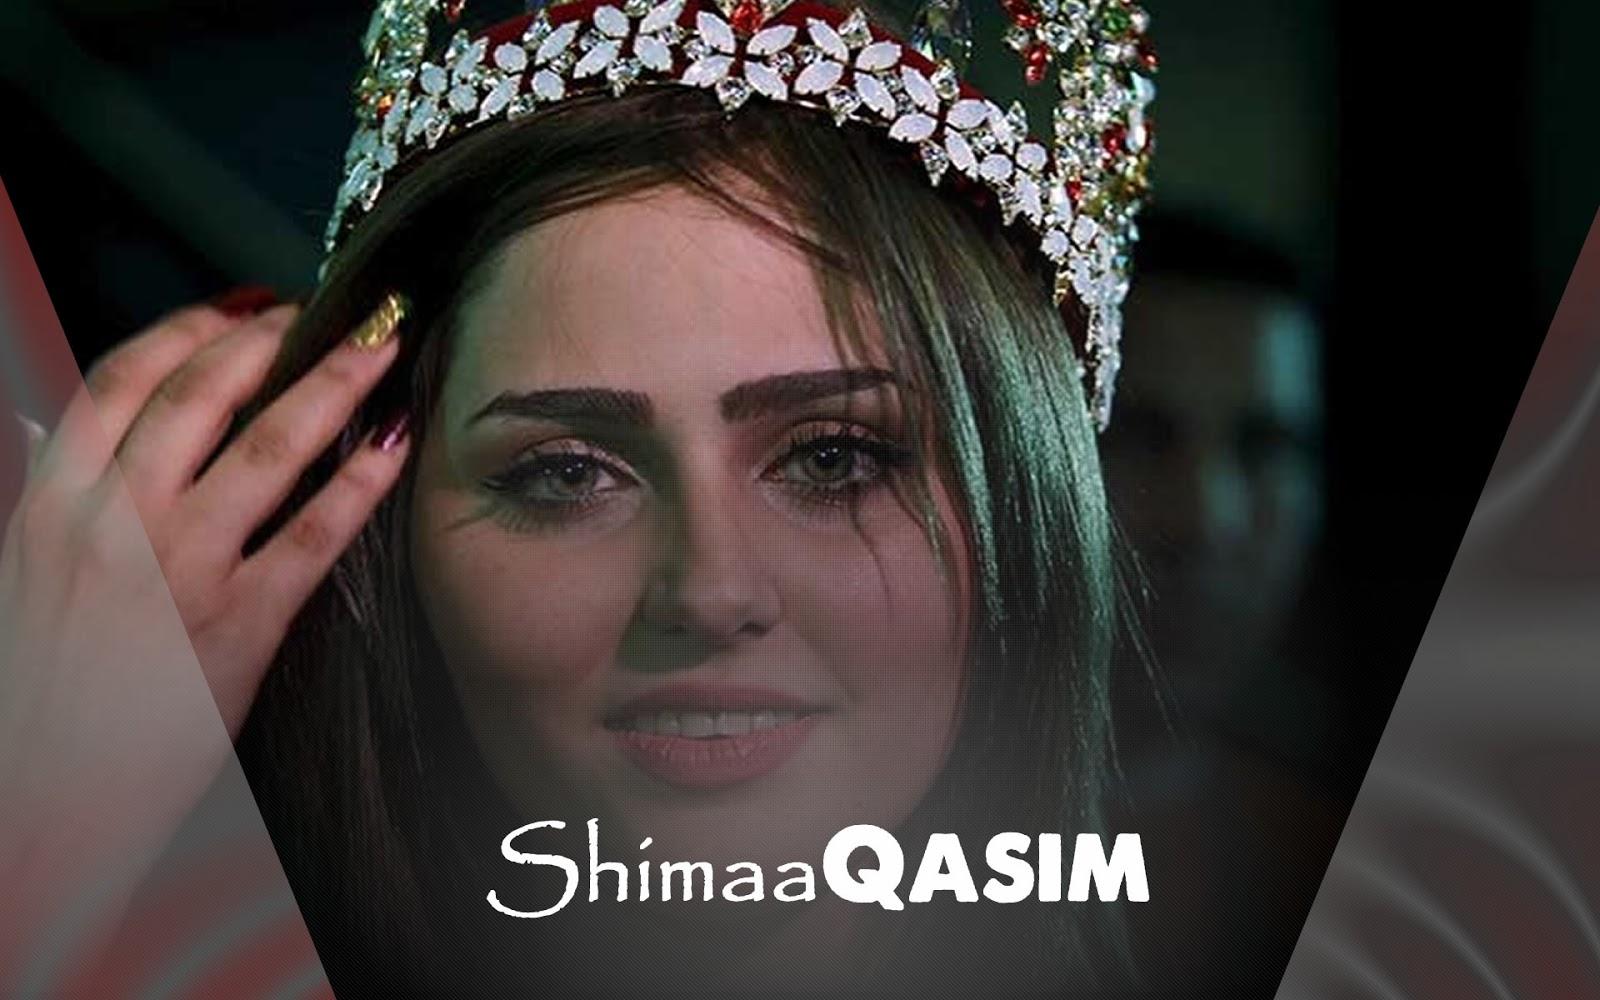 Shimaa Qasim